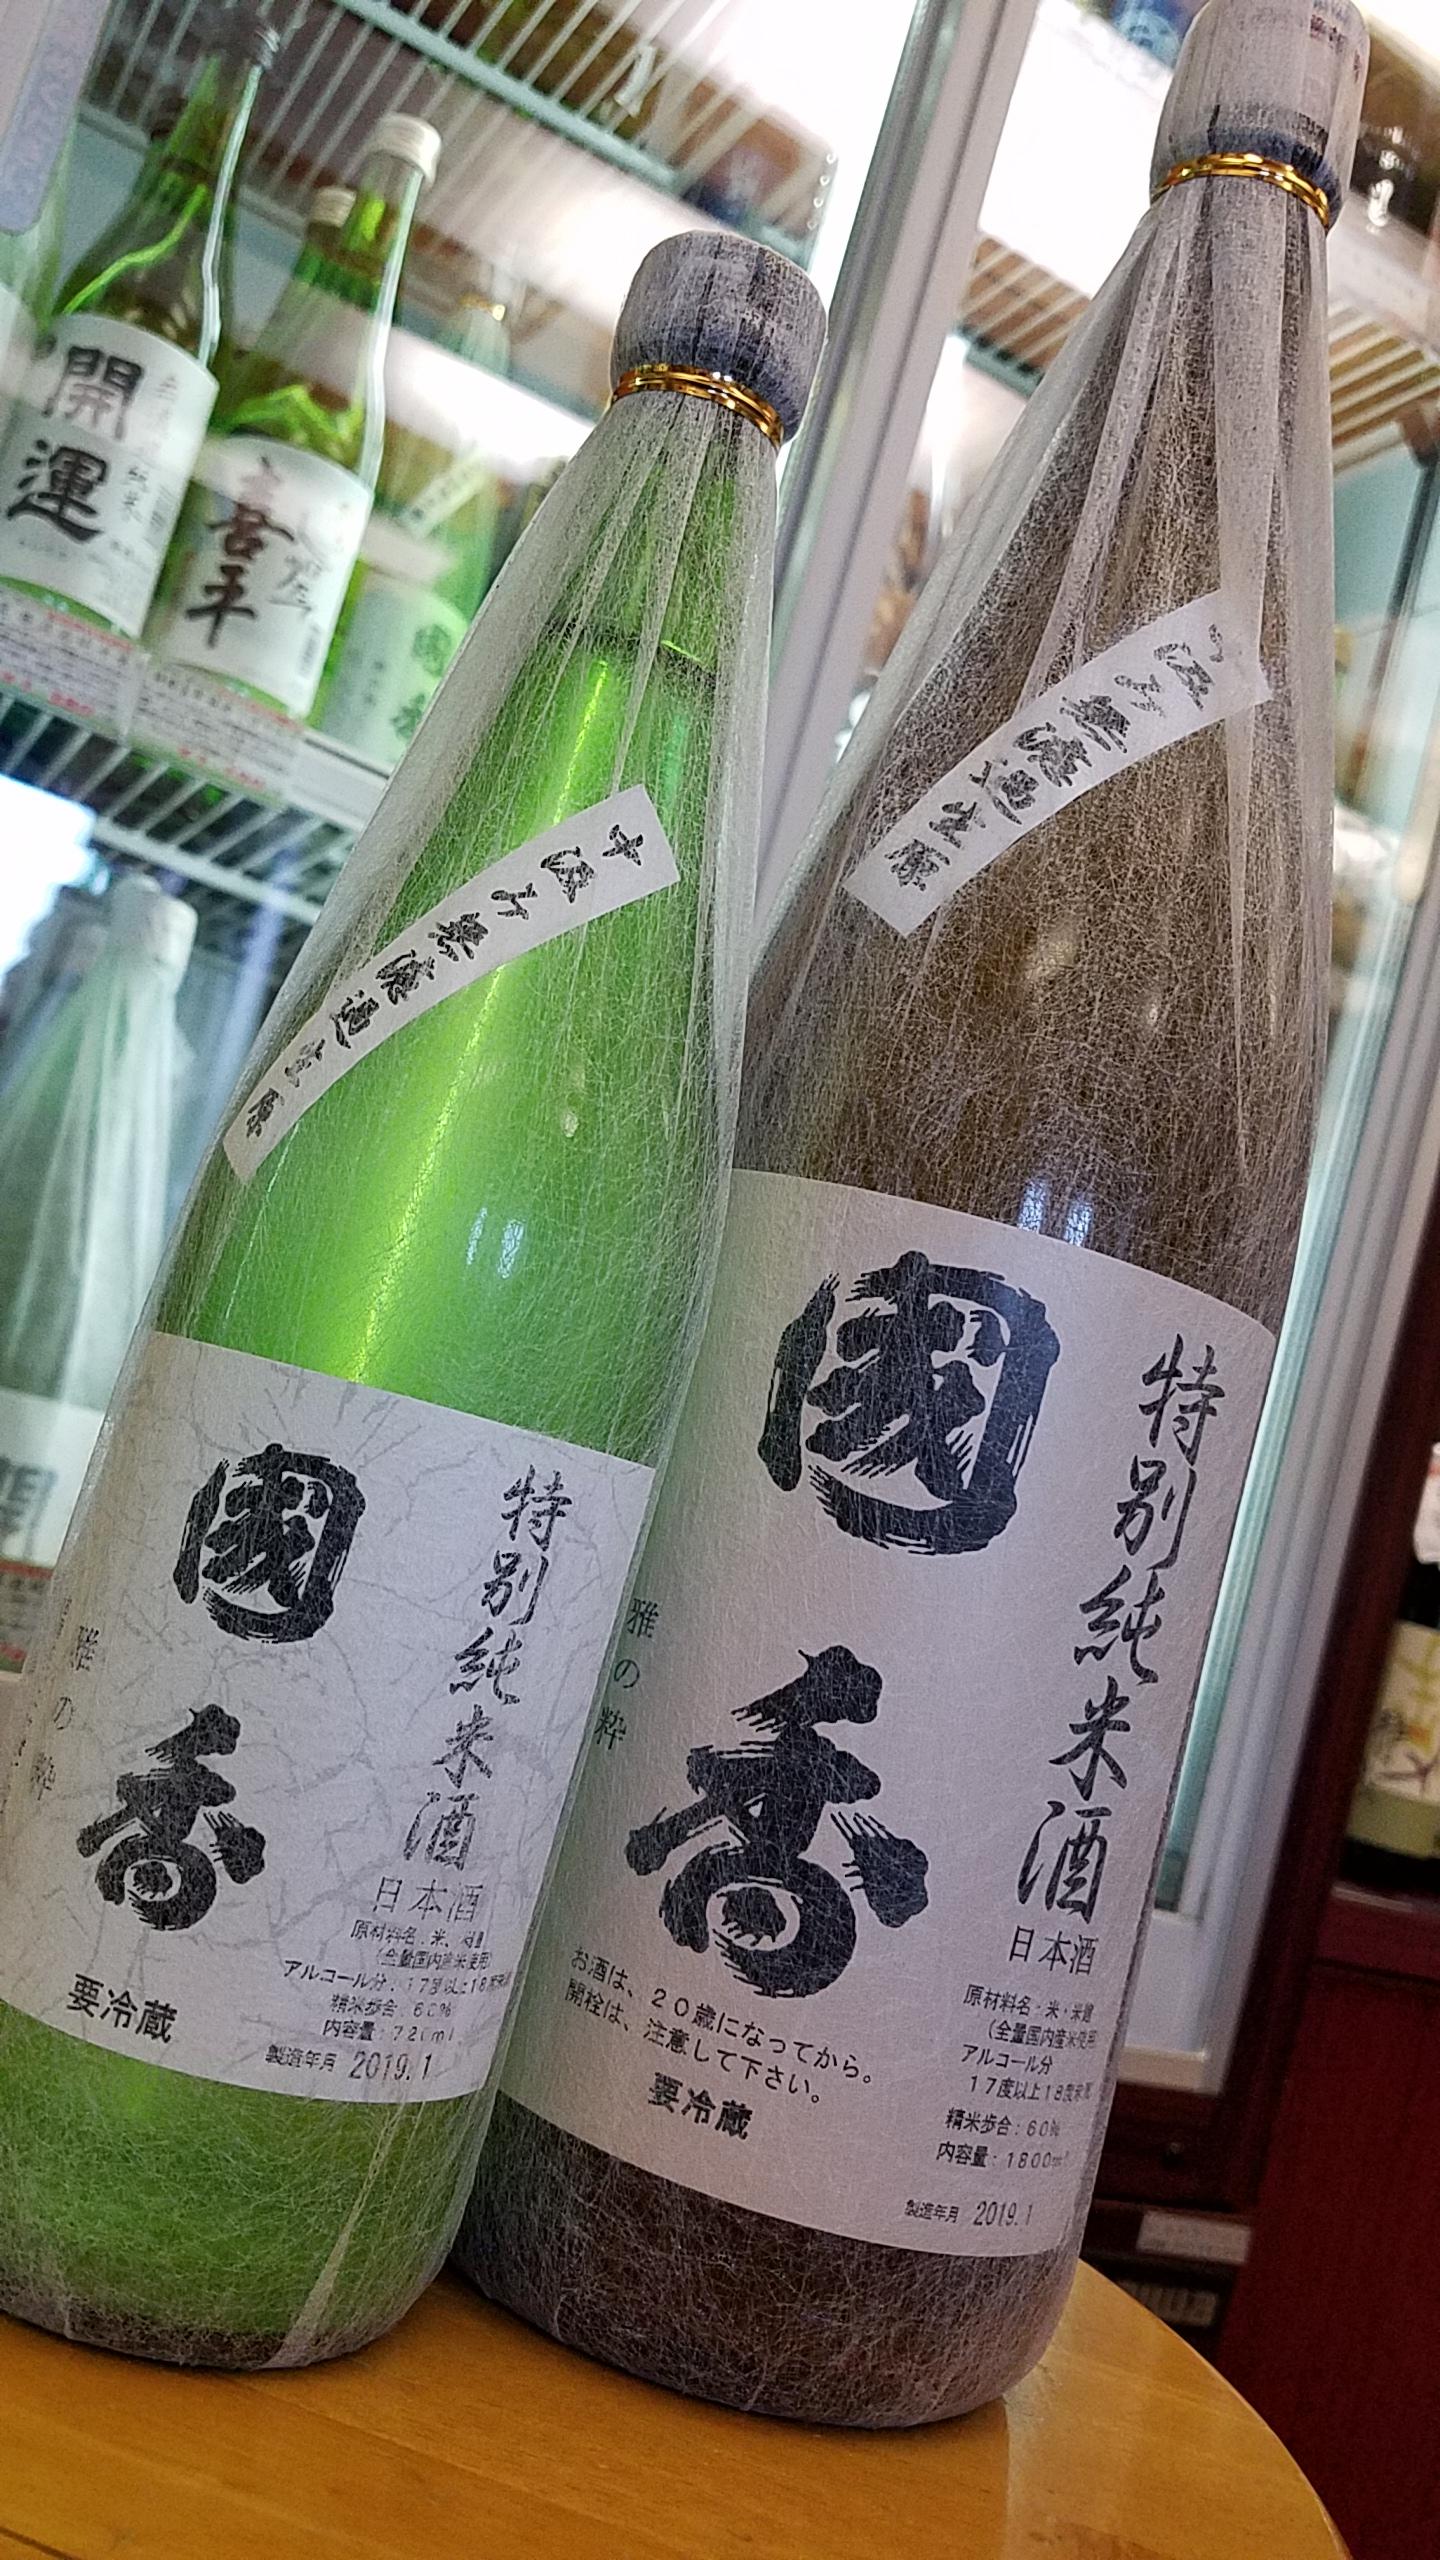 入荷~國香 特別純米 無濾過生原酒